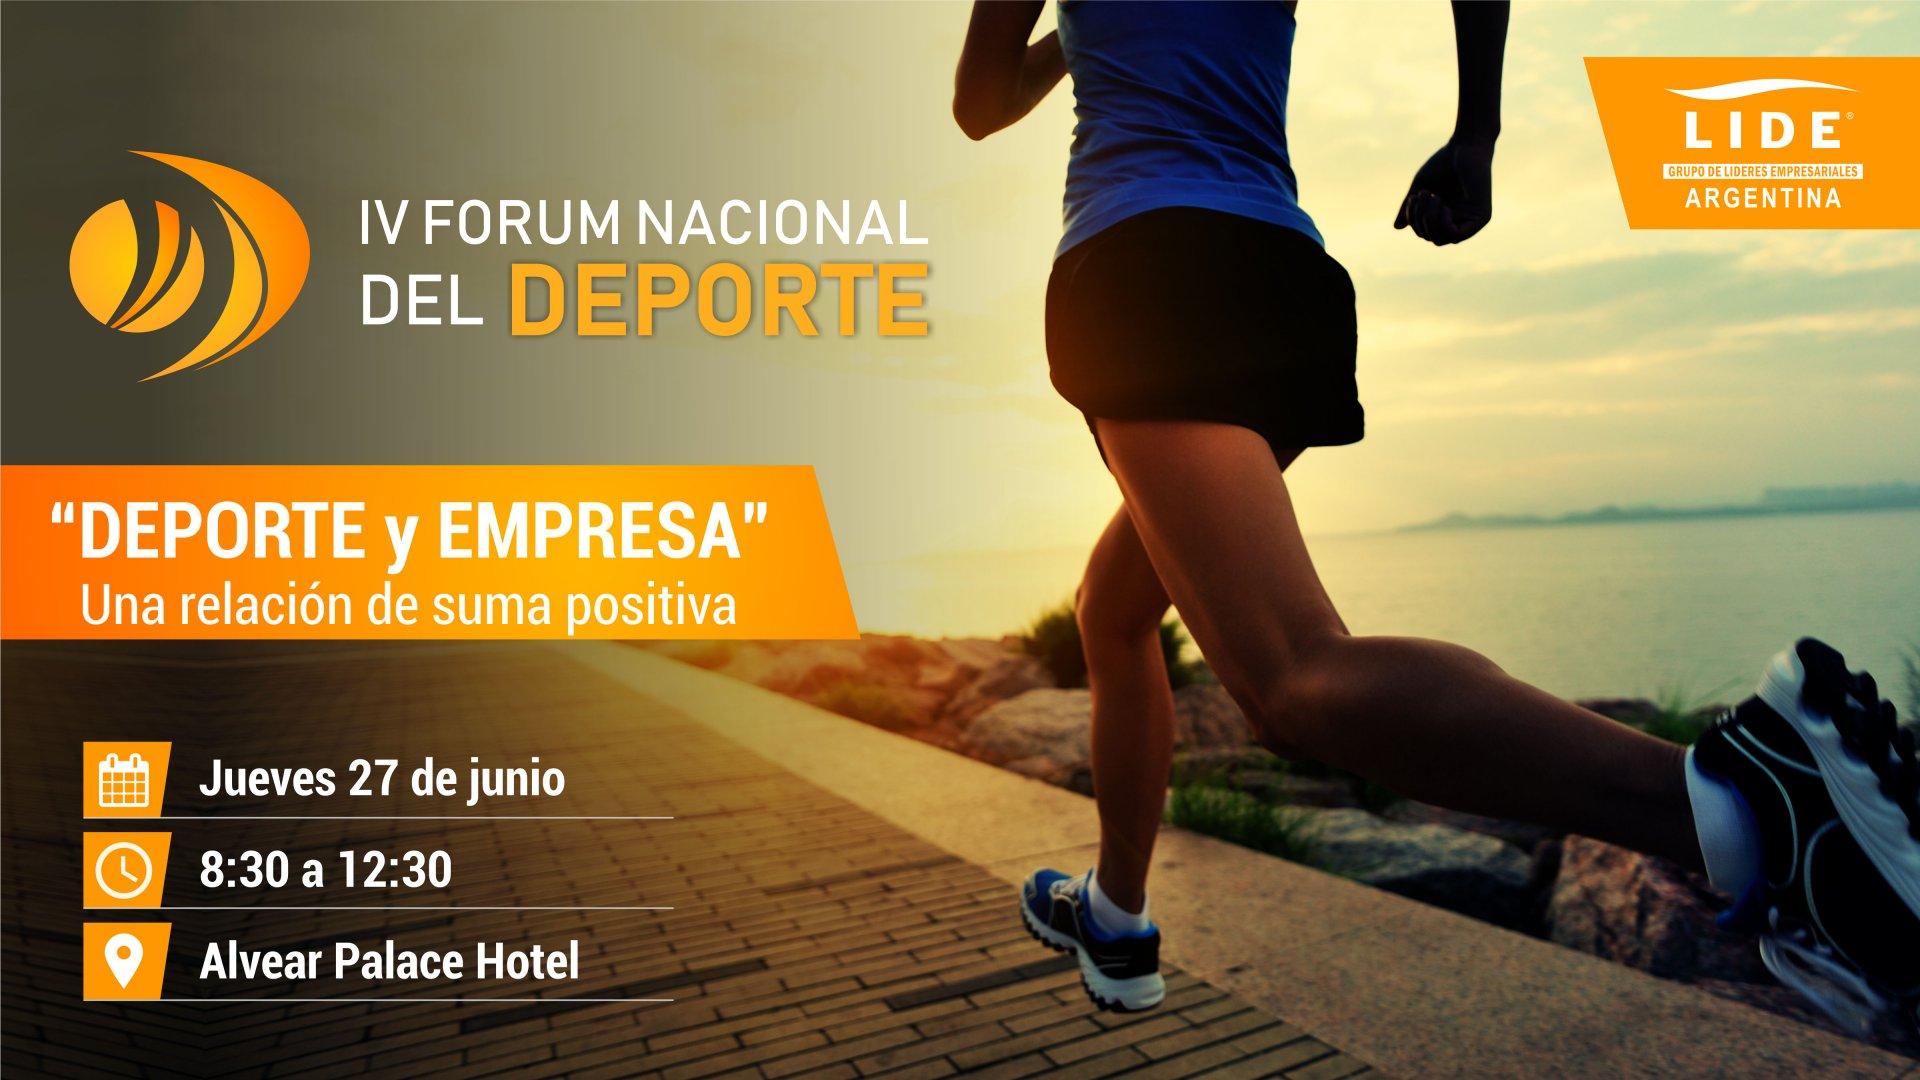 IV Forum Nacional del Deporte - Header